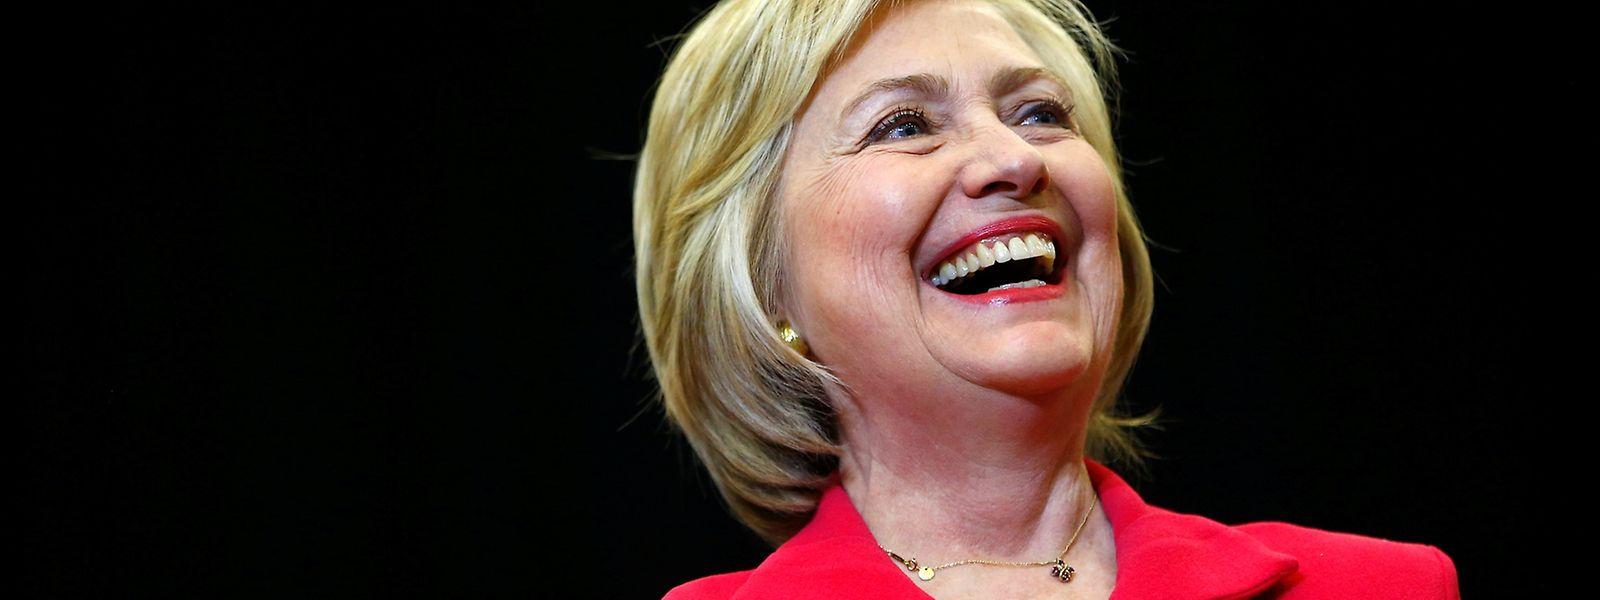 Siegerlächeln: Hillary Clinton gewinnt die Vorwahlen in Kentucky.